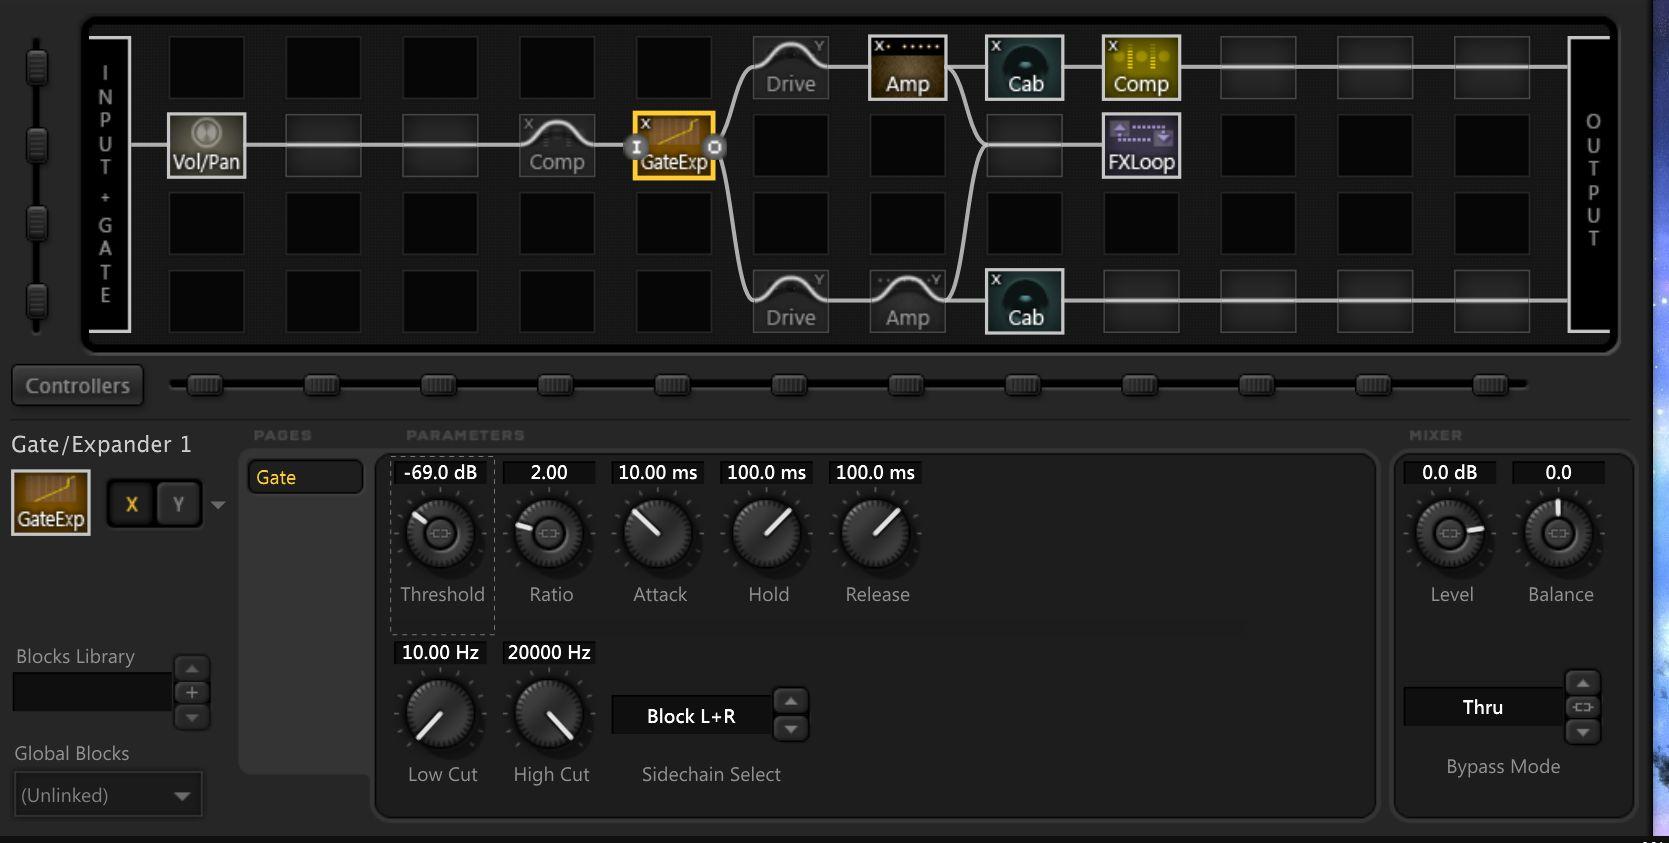 Direct Bass : Think I have a tone I like-gateexp-jpg